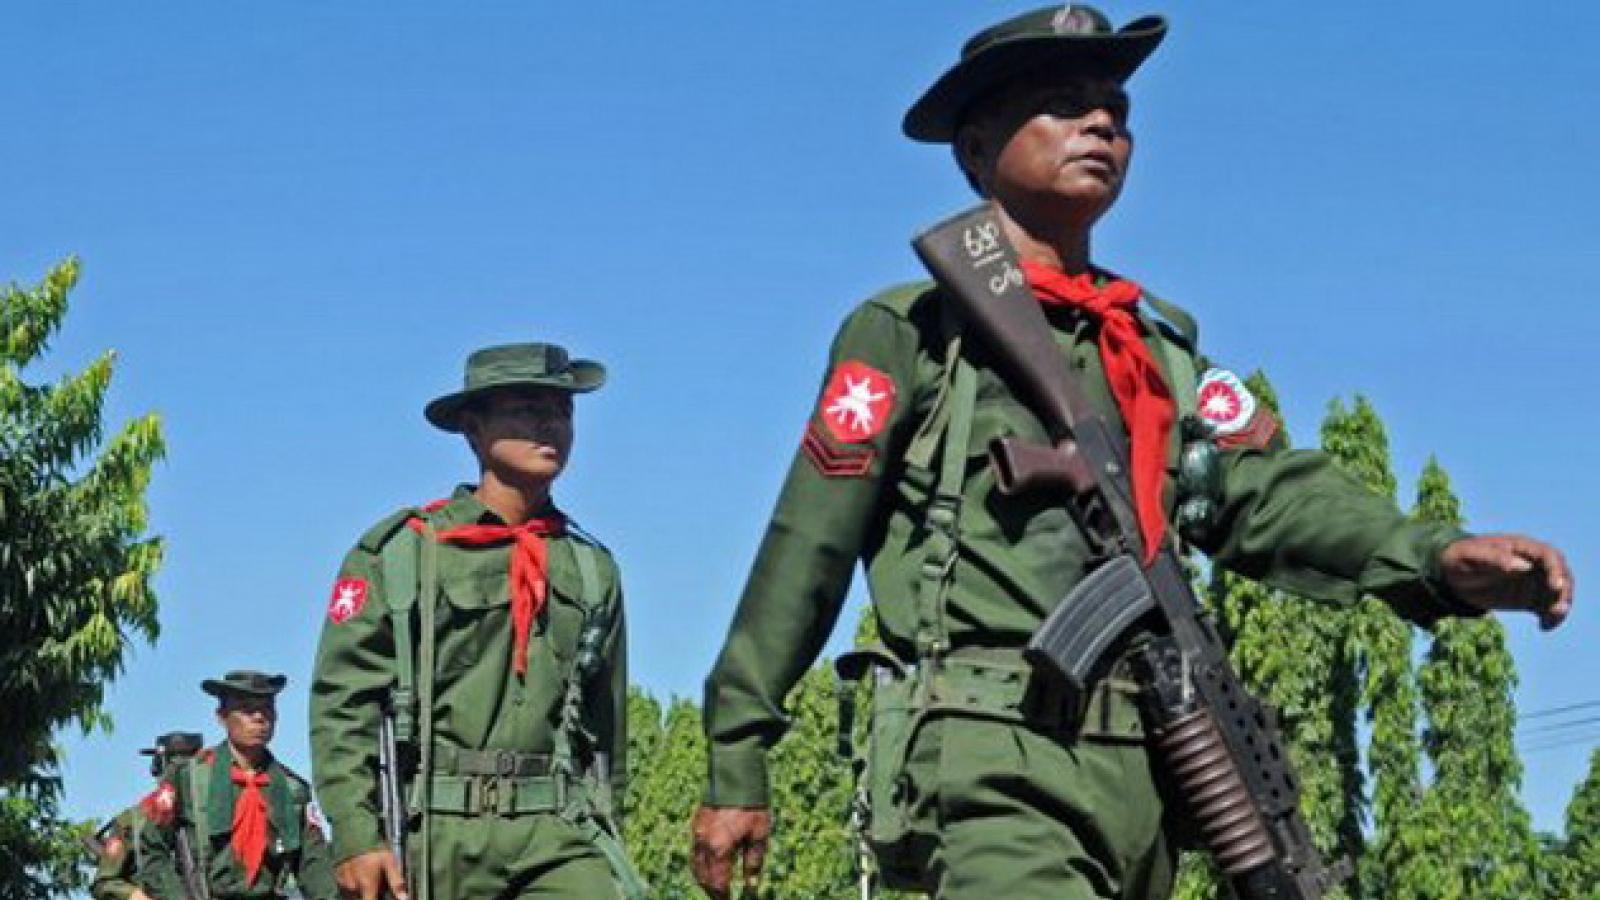 Phản ứng của quốc tế sau vụ bắt giữ các nhà lãnh đạo dân sự Myanmar